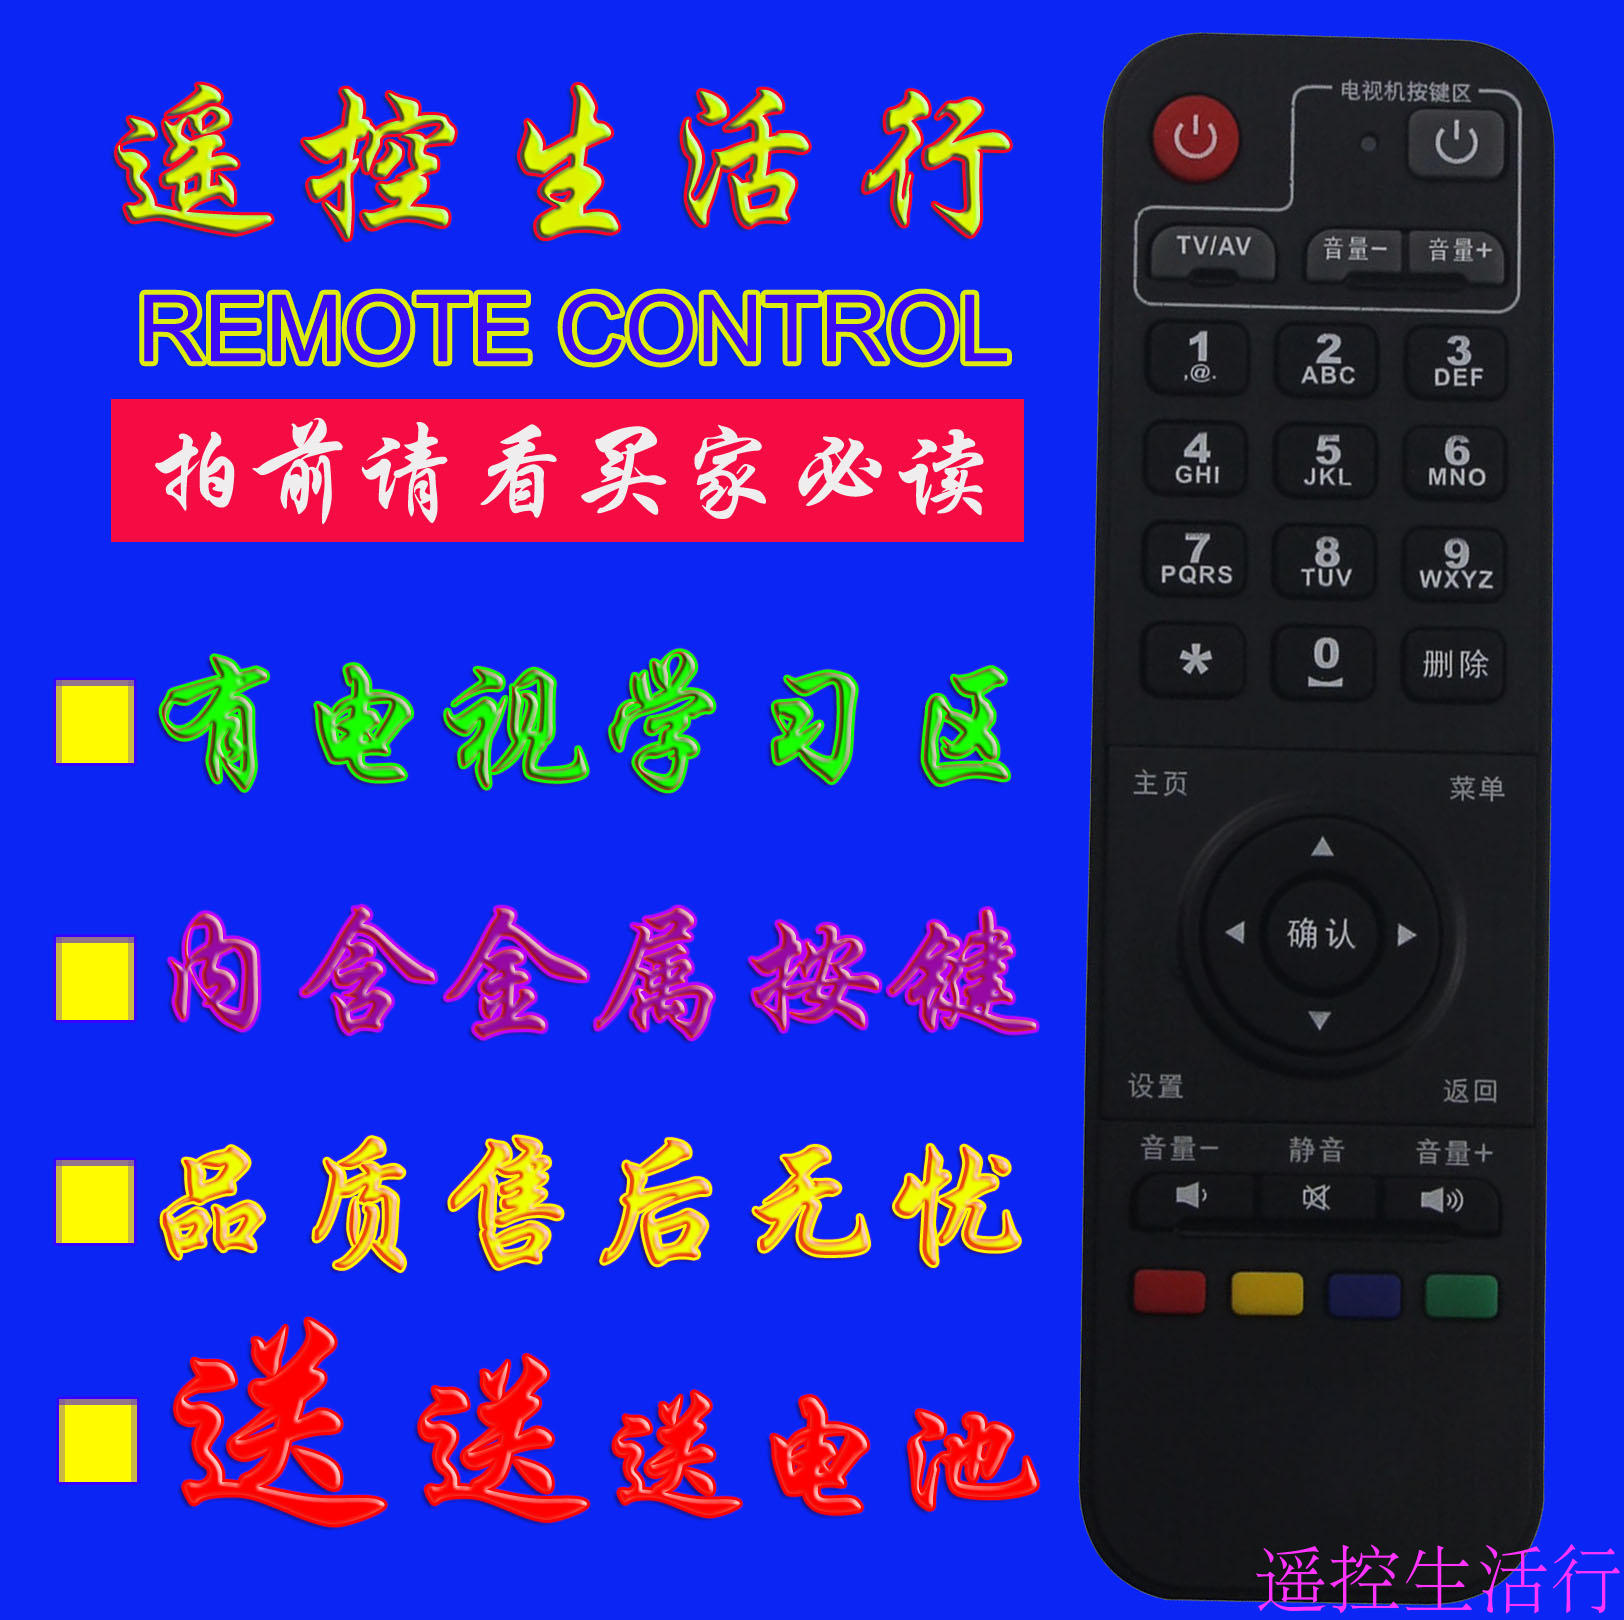 unicom telekommunikation tillämpas i kina. A300E820 nätverk hundra fall av f5 skyworth digitalbox fjärrkontroll